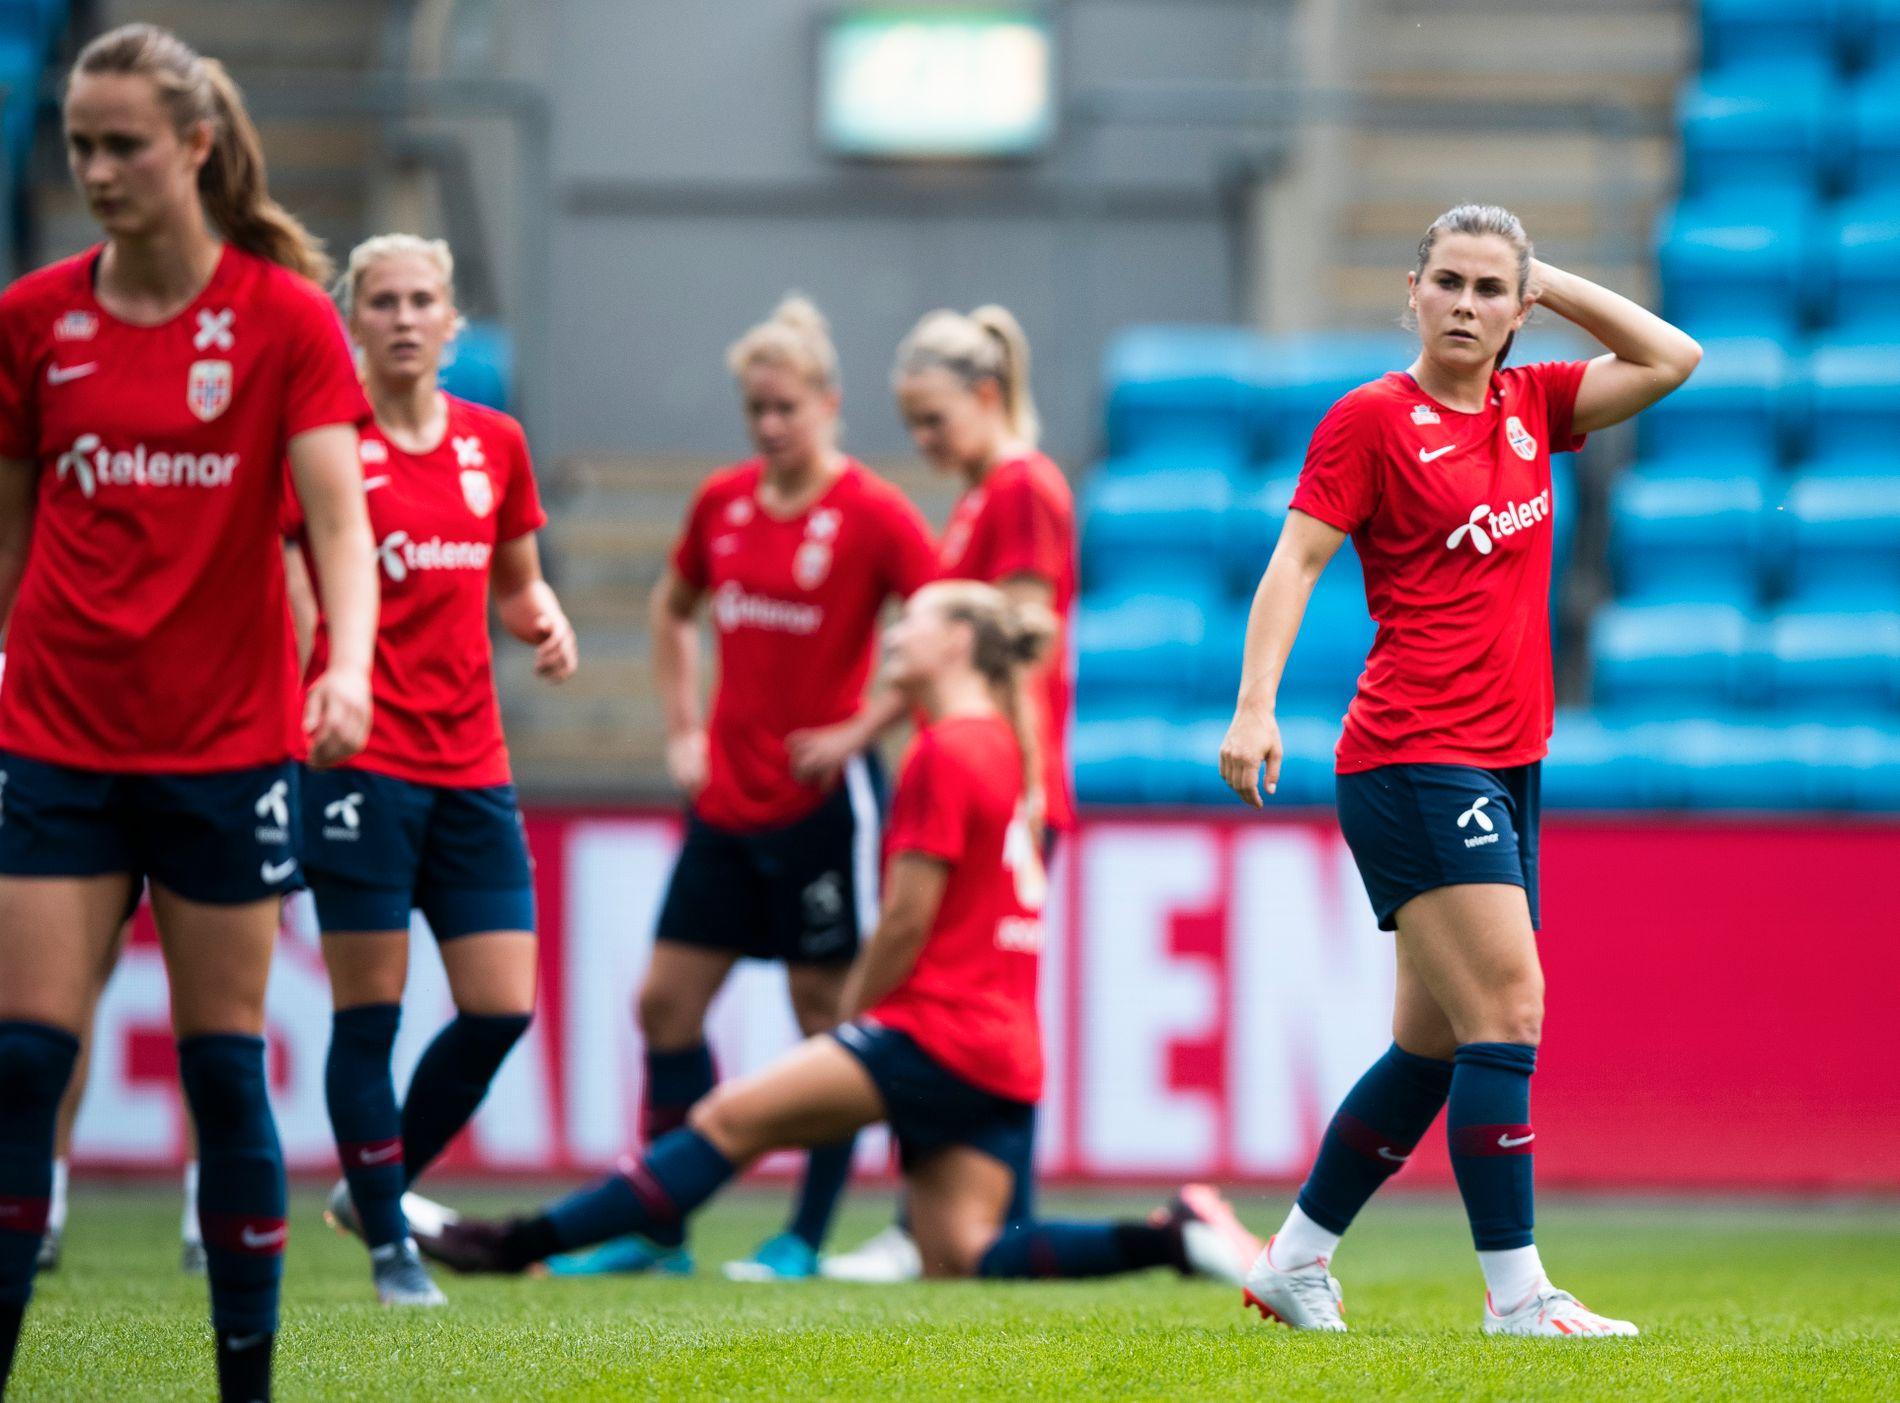 Kvinnelandslaget forbereder seg i disse dager til VM.